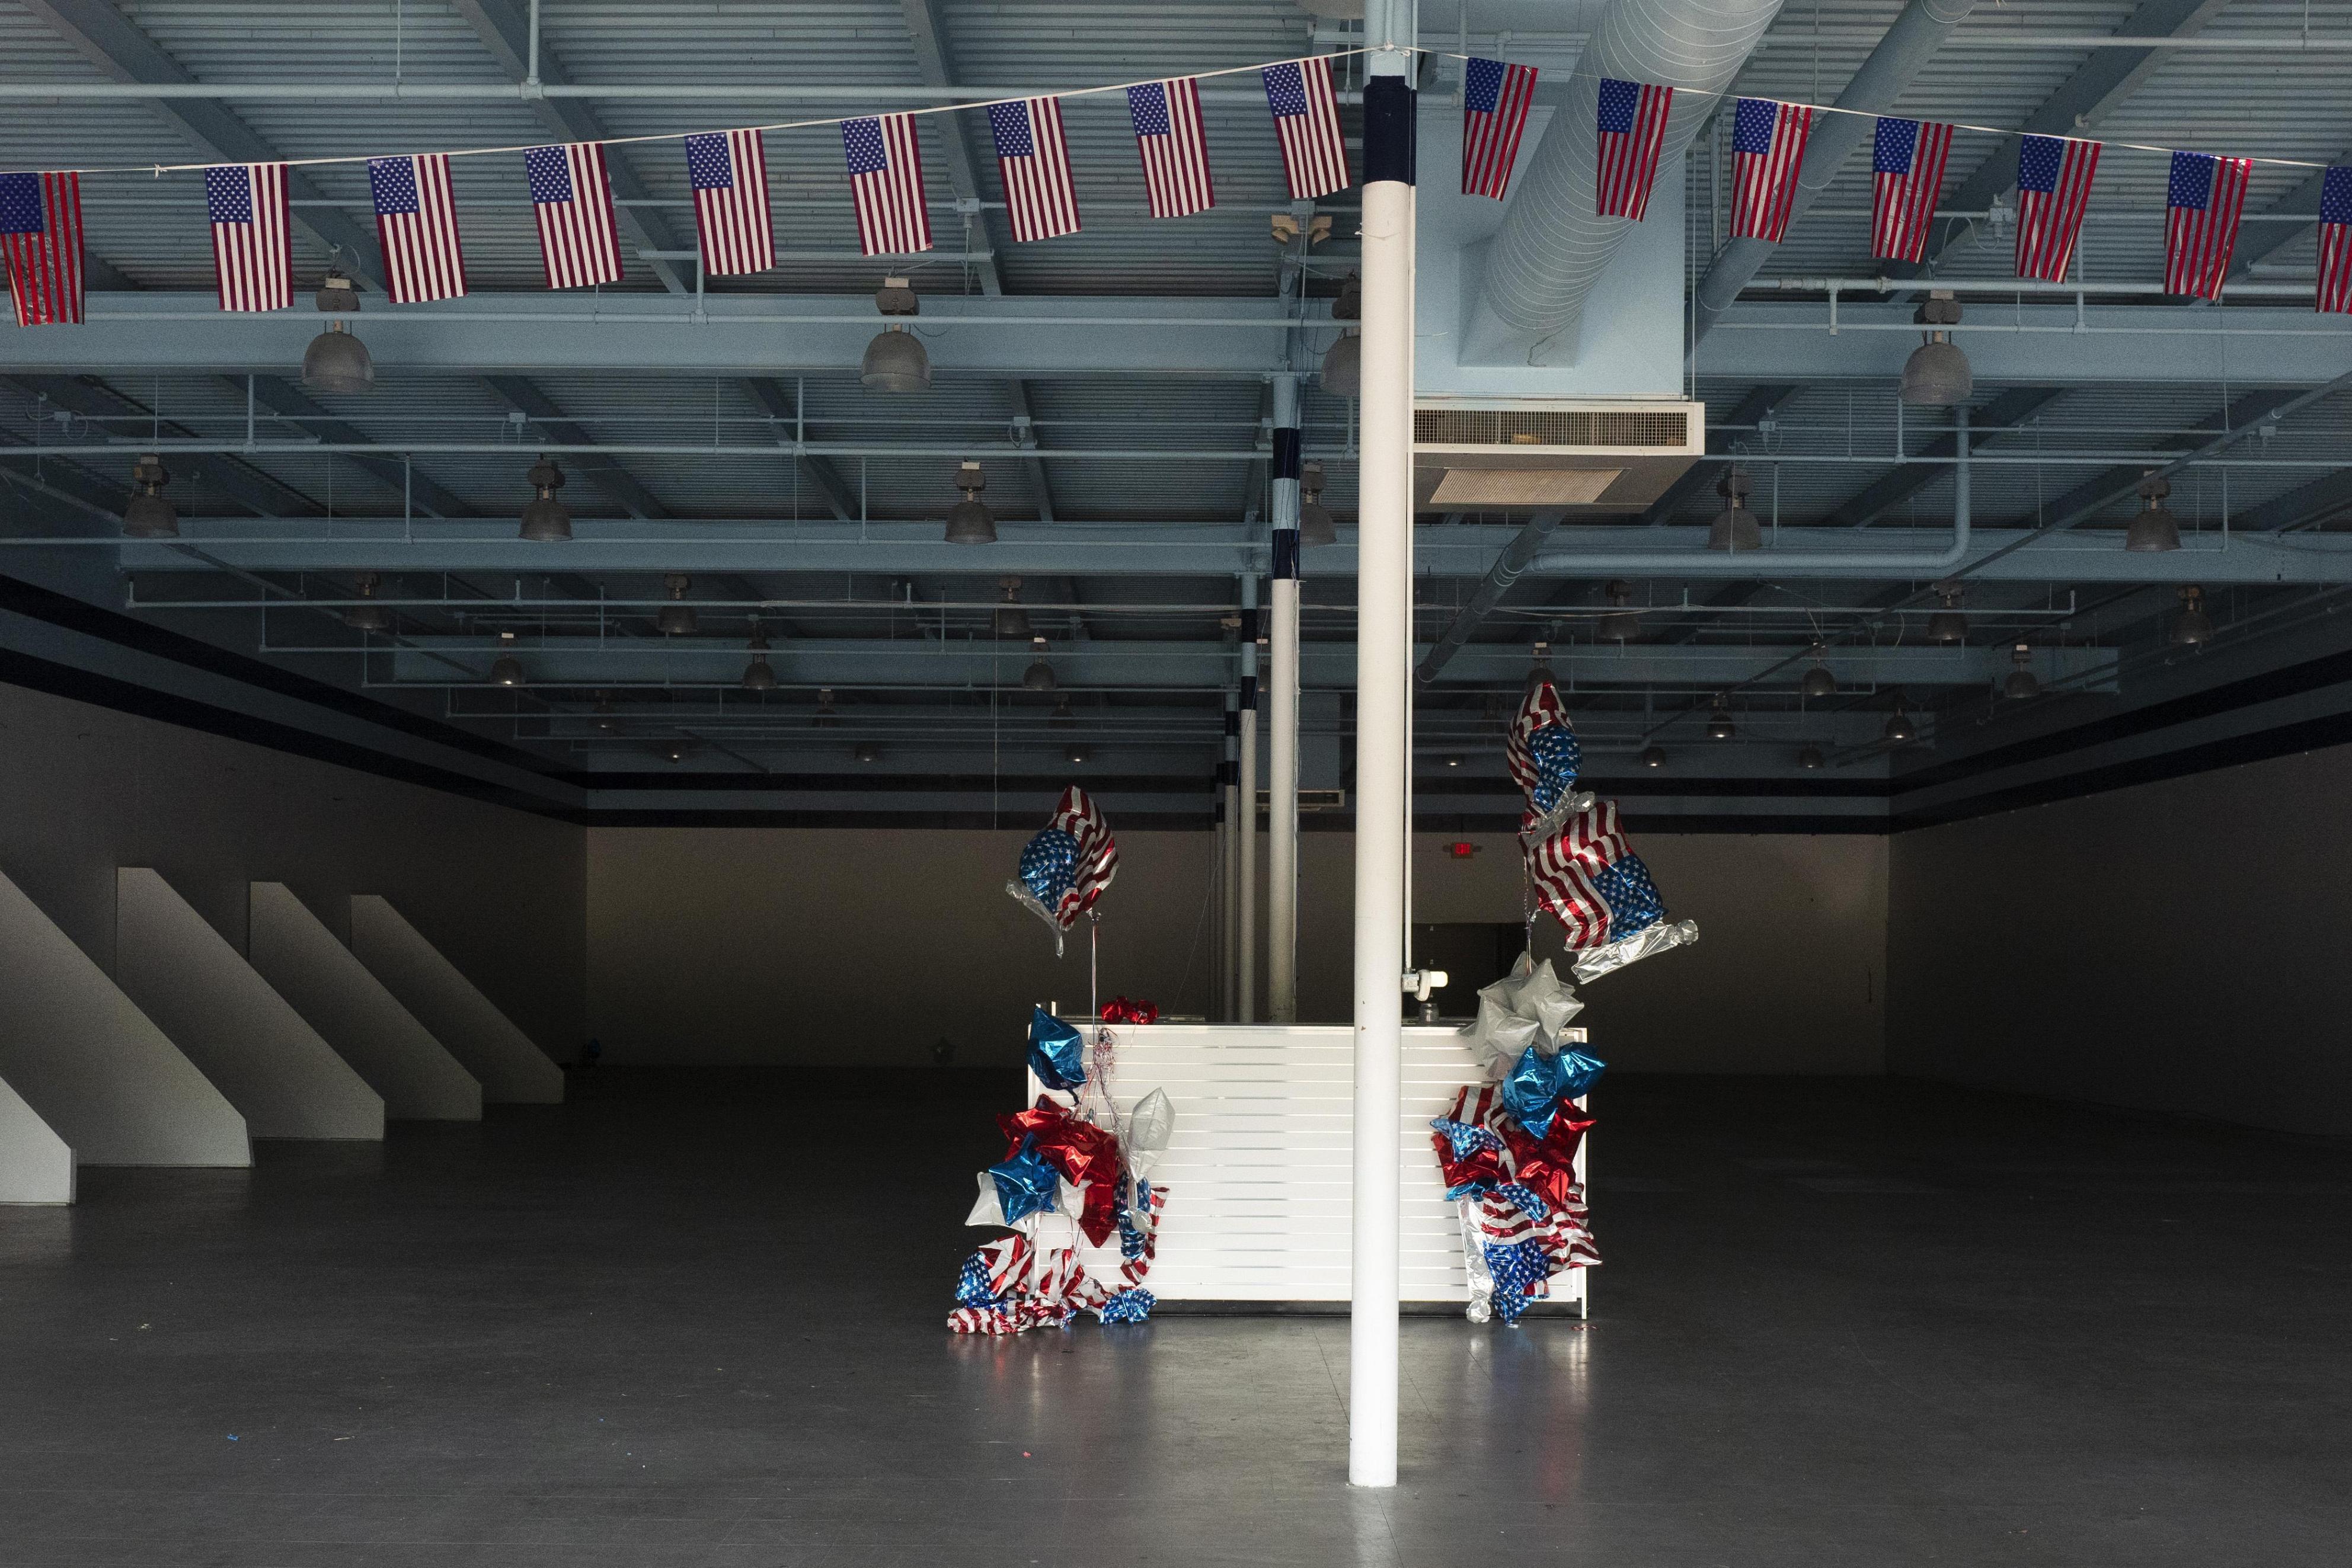 廃業となったコネティカット州の店舗。国旗とパーティー用の風船だけが残されていた=7日、ウェザーズフィールド(AP=共同)